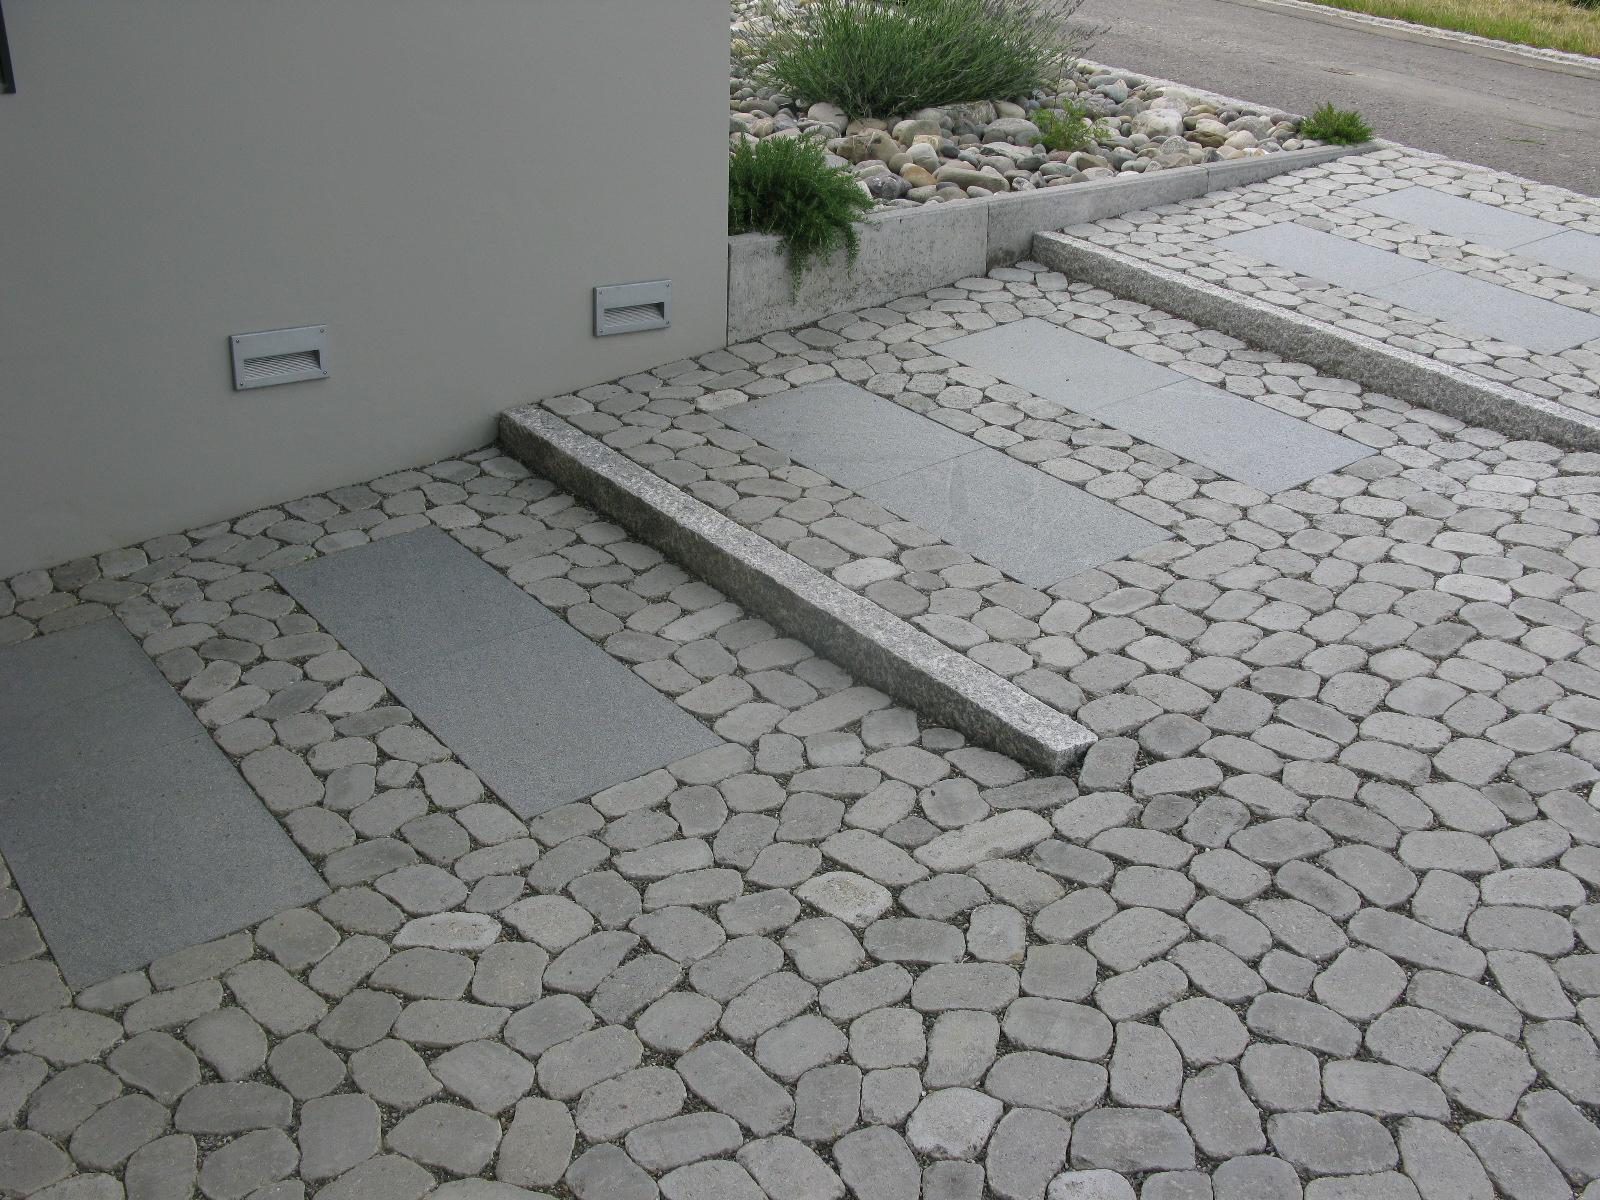 Rampentreppe mit Arena-Pflaster und Granitplatten